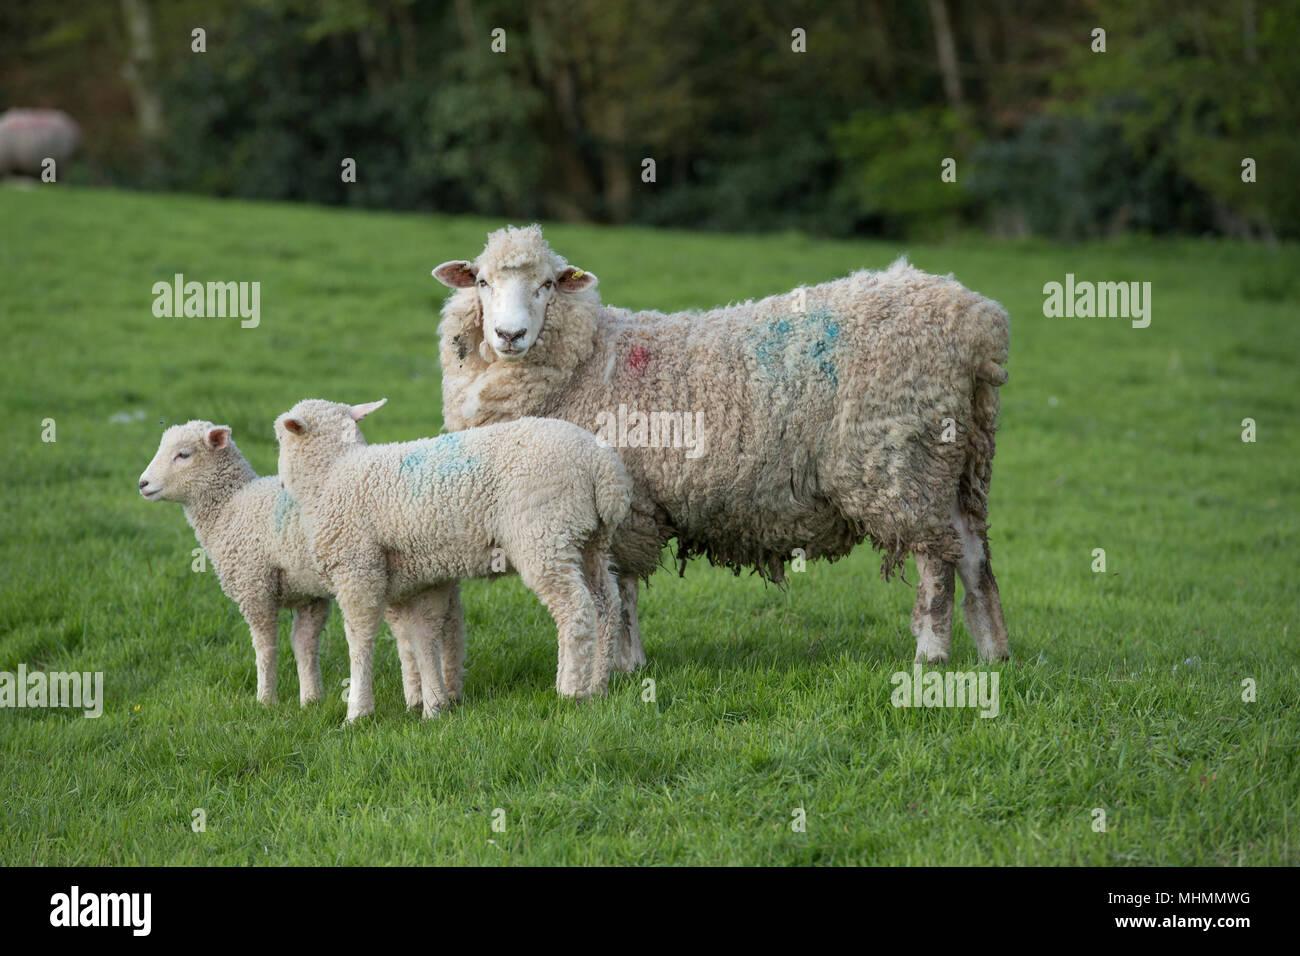 Les brebis et agneaux dans un troupeau de moutons Photo Stock